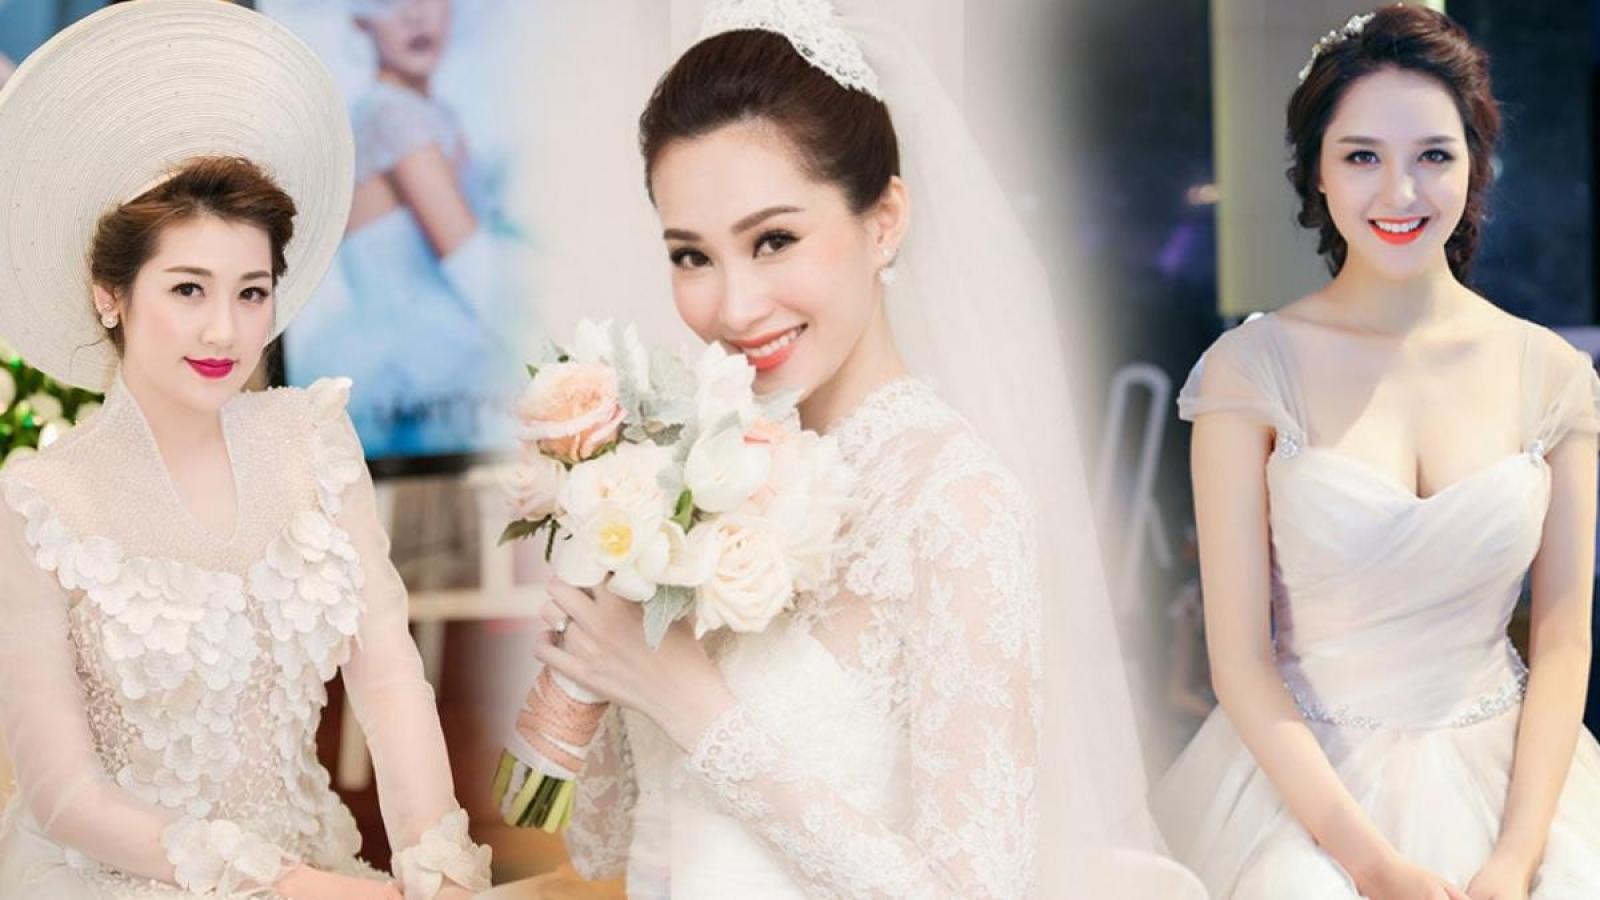 Top 3 Hoa hậu Việt Nam 2012 sau 9 năm đăng quang: Hôn nhân viên mãn, an phận